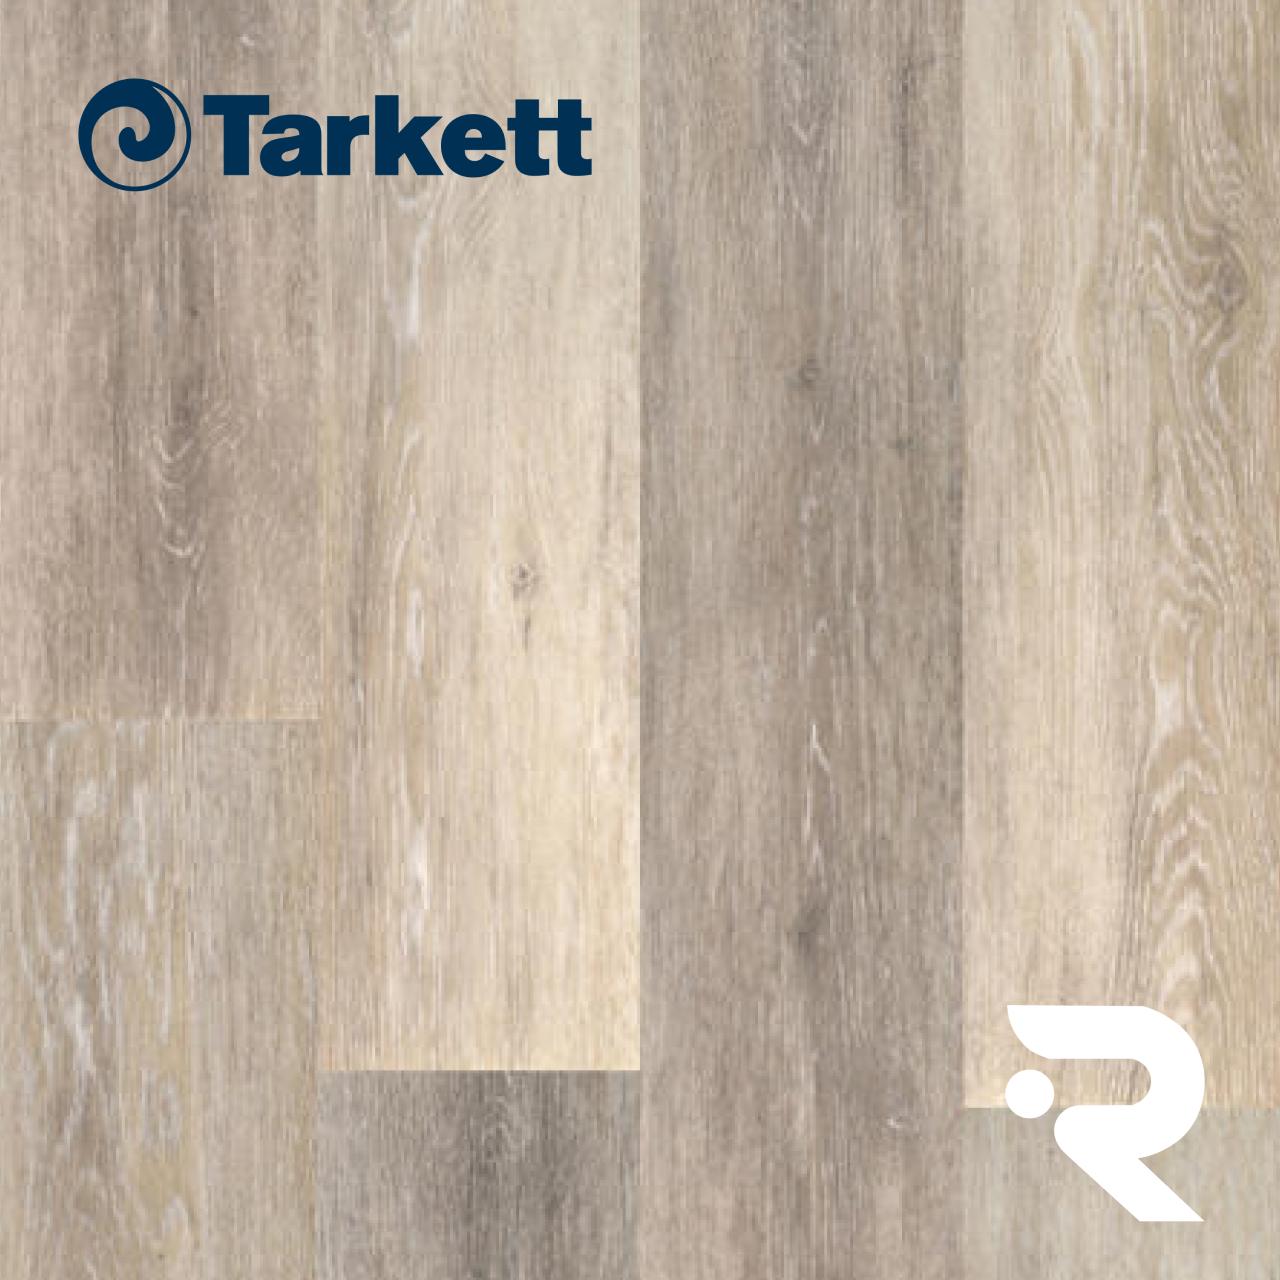 🌳 ПВХ плитка Tarkett | NEW AGE - AMBIENT | Art Vinyl | 914 x 152 мм